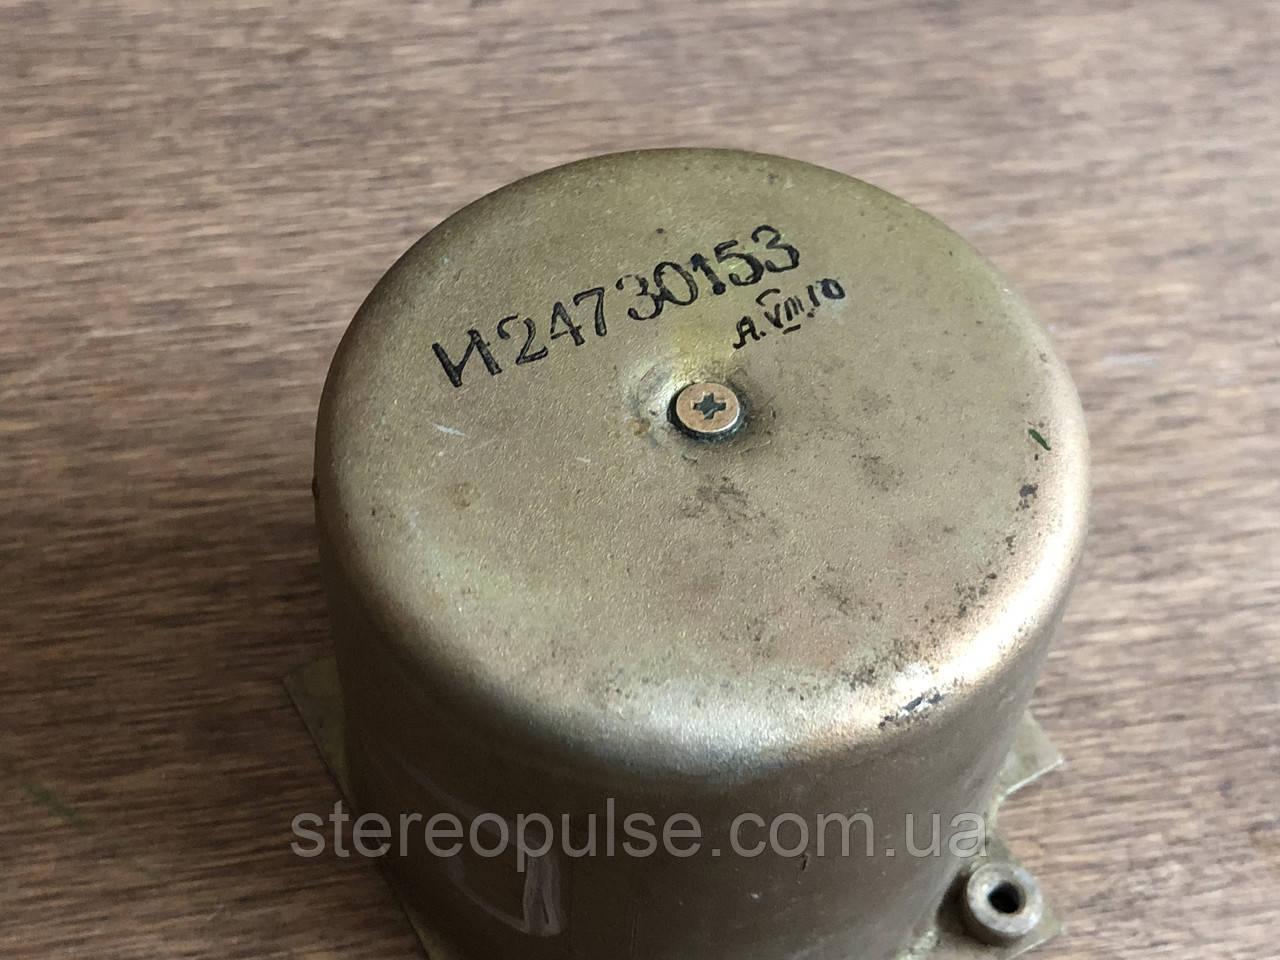 Трансформатор И24730153/ И24700001